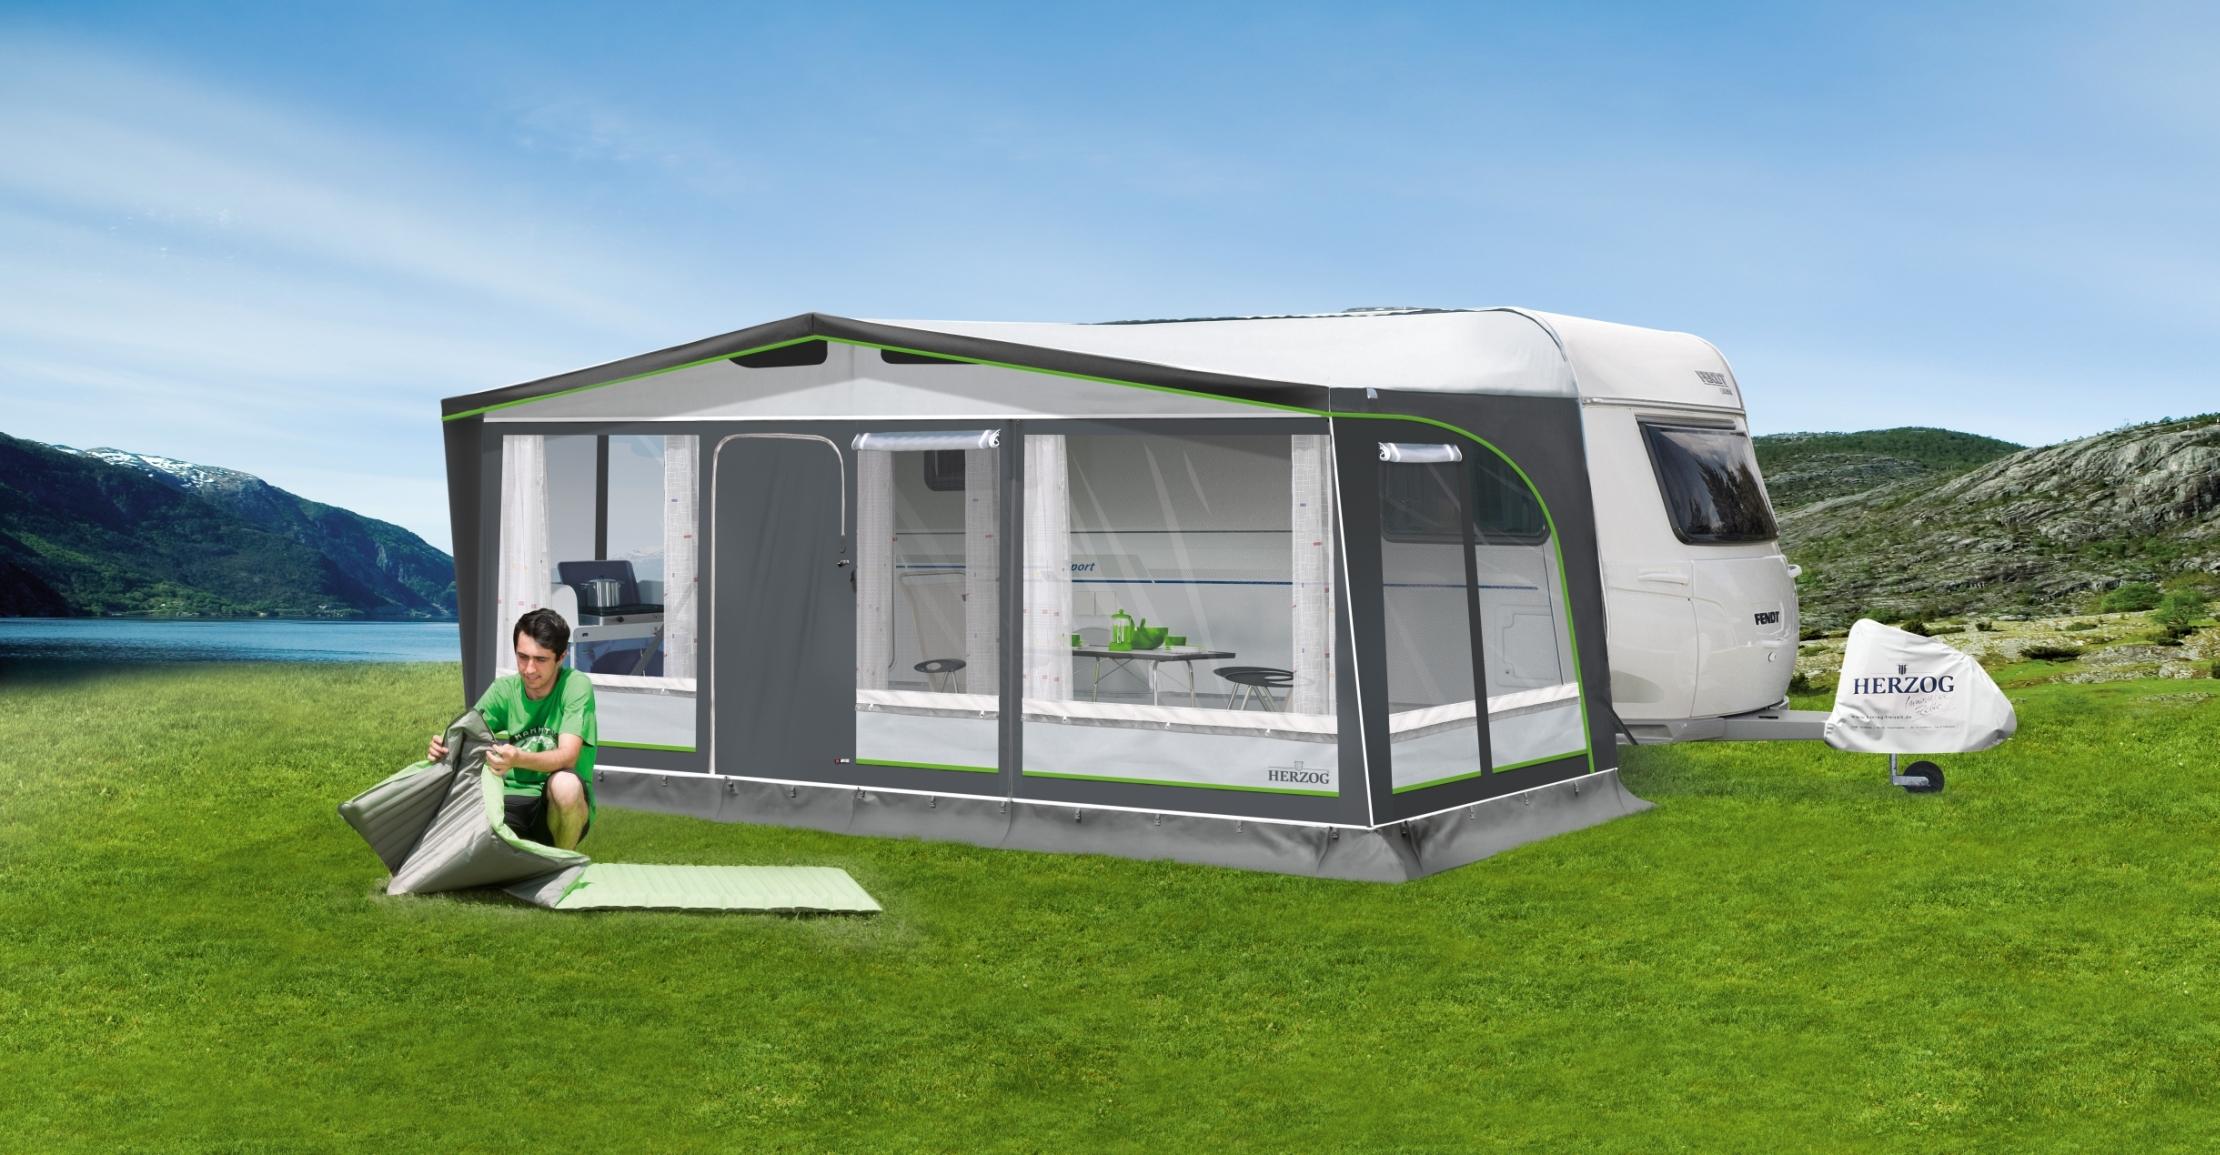 herzog sunset super gr e 08 wohnwagen vorzelt. Black Bedroom Furniture Sets. Home Design Ideas